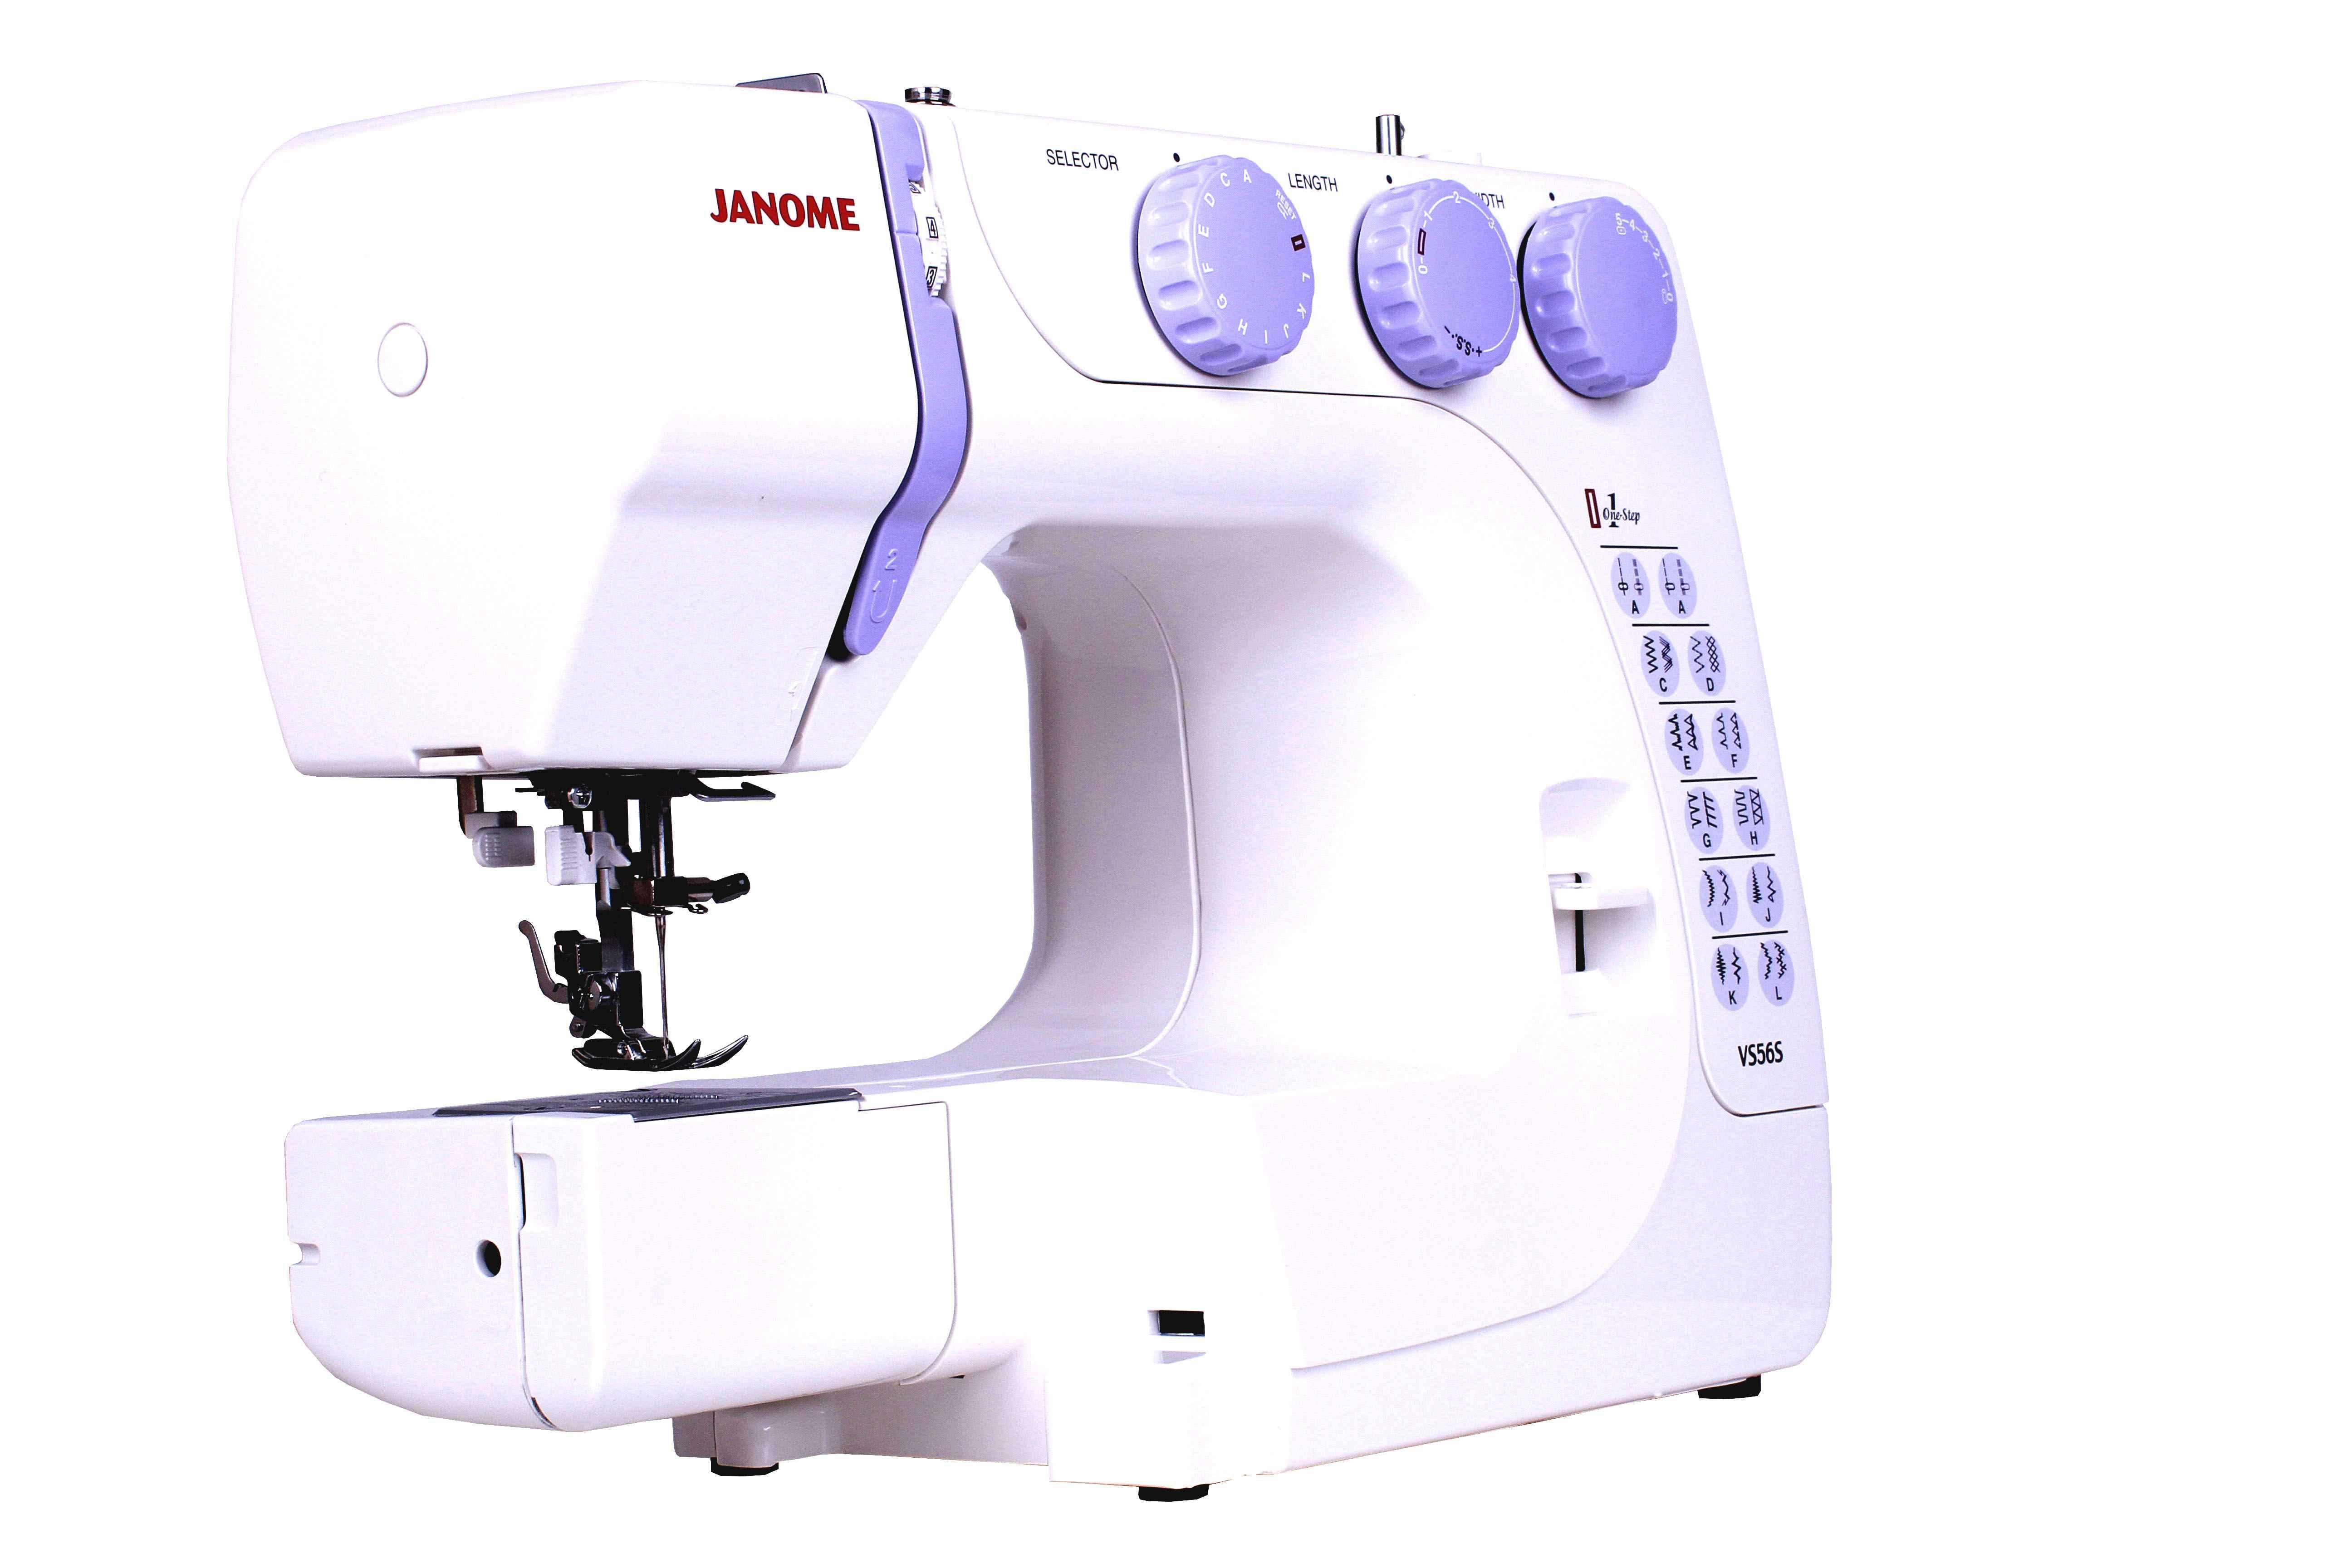 Швейная машина Janome VS 56 электромеханическая швейная машина vlk napoli 2100